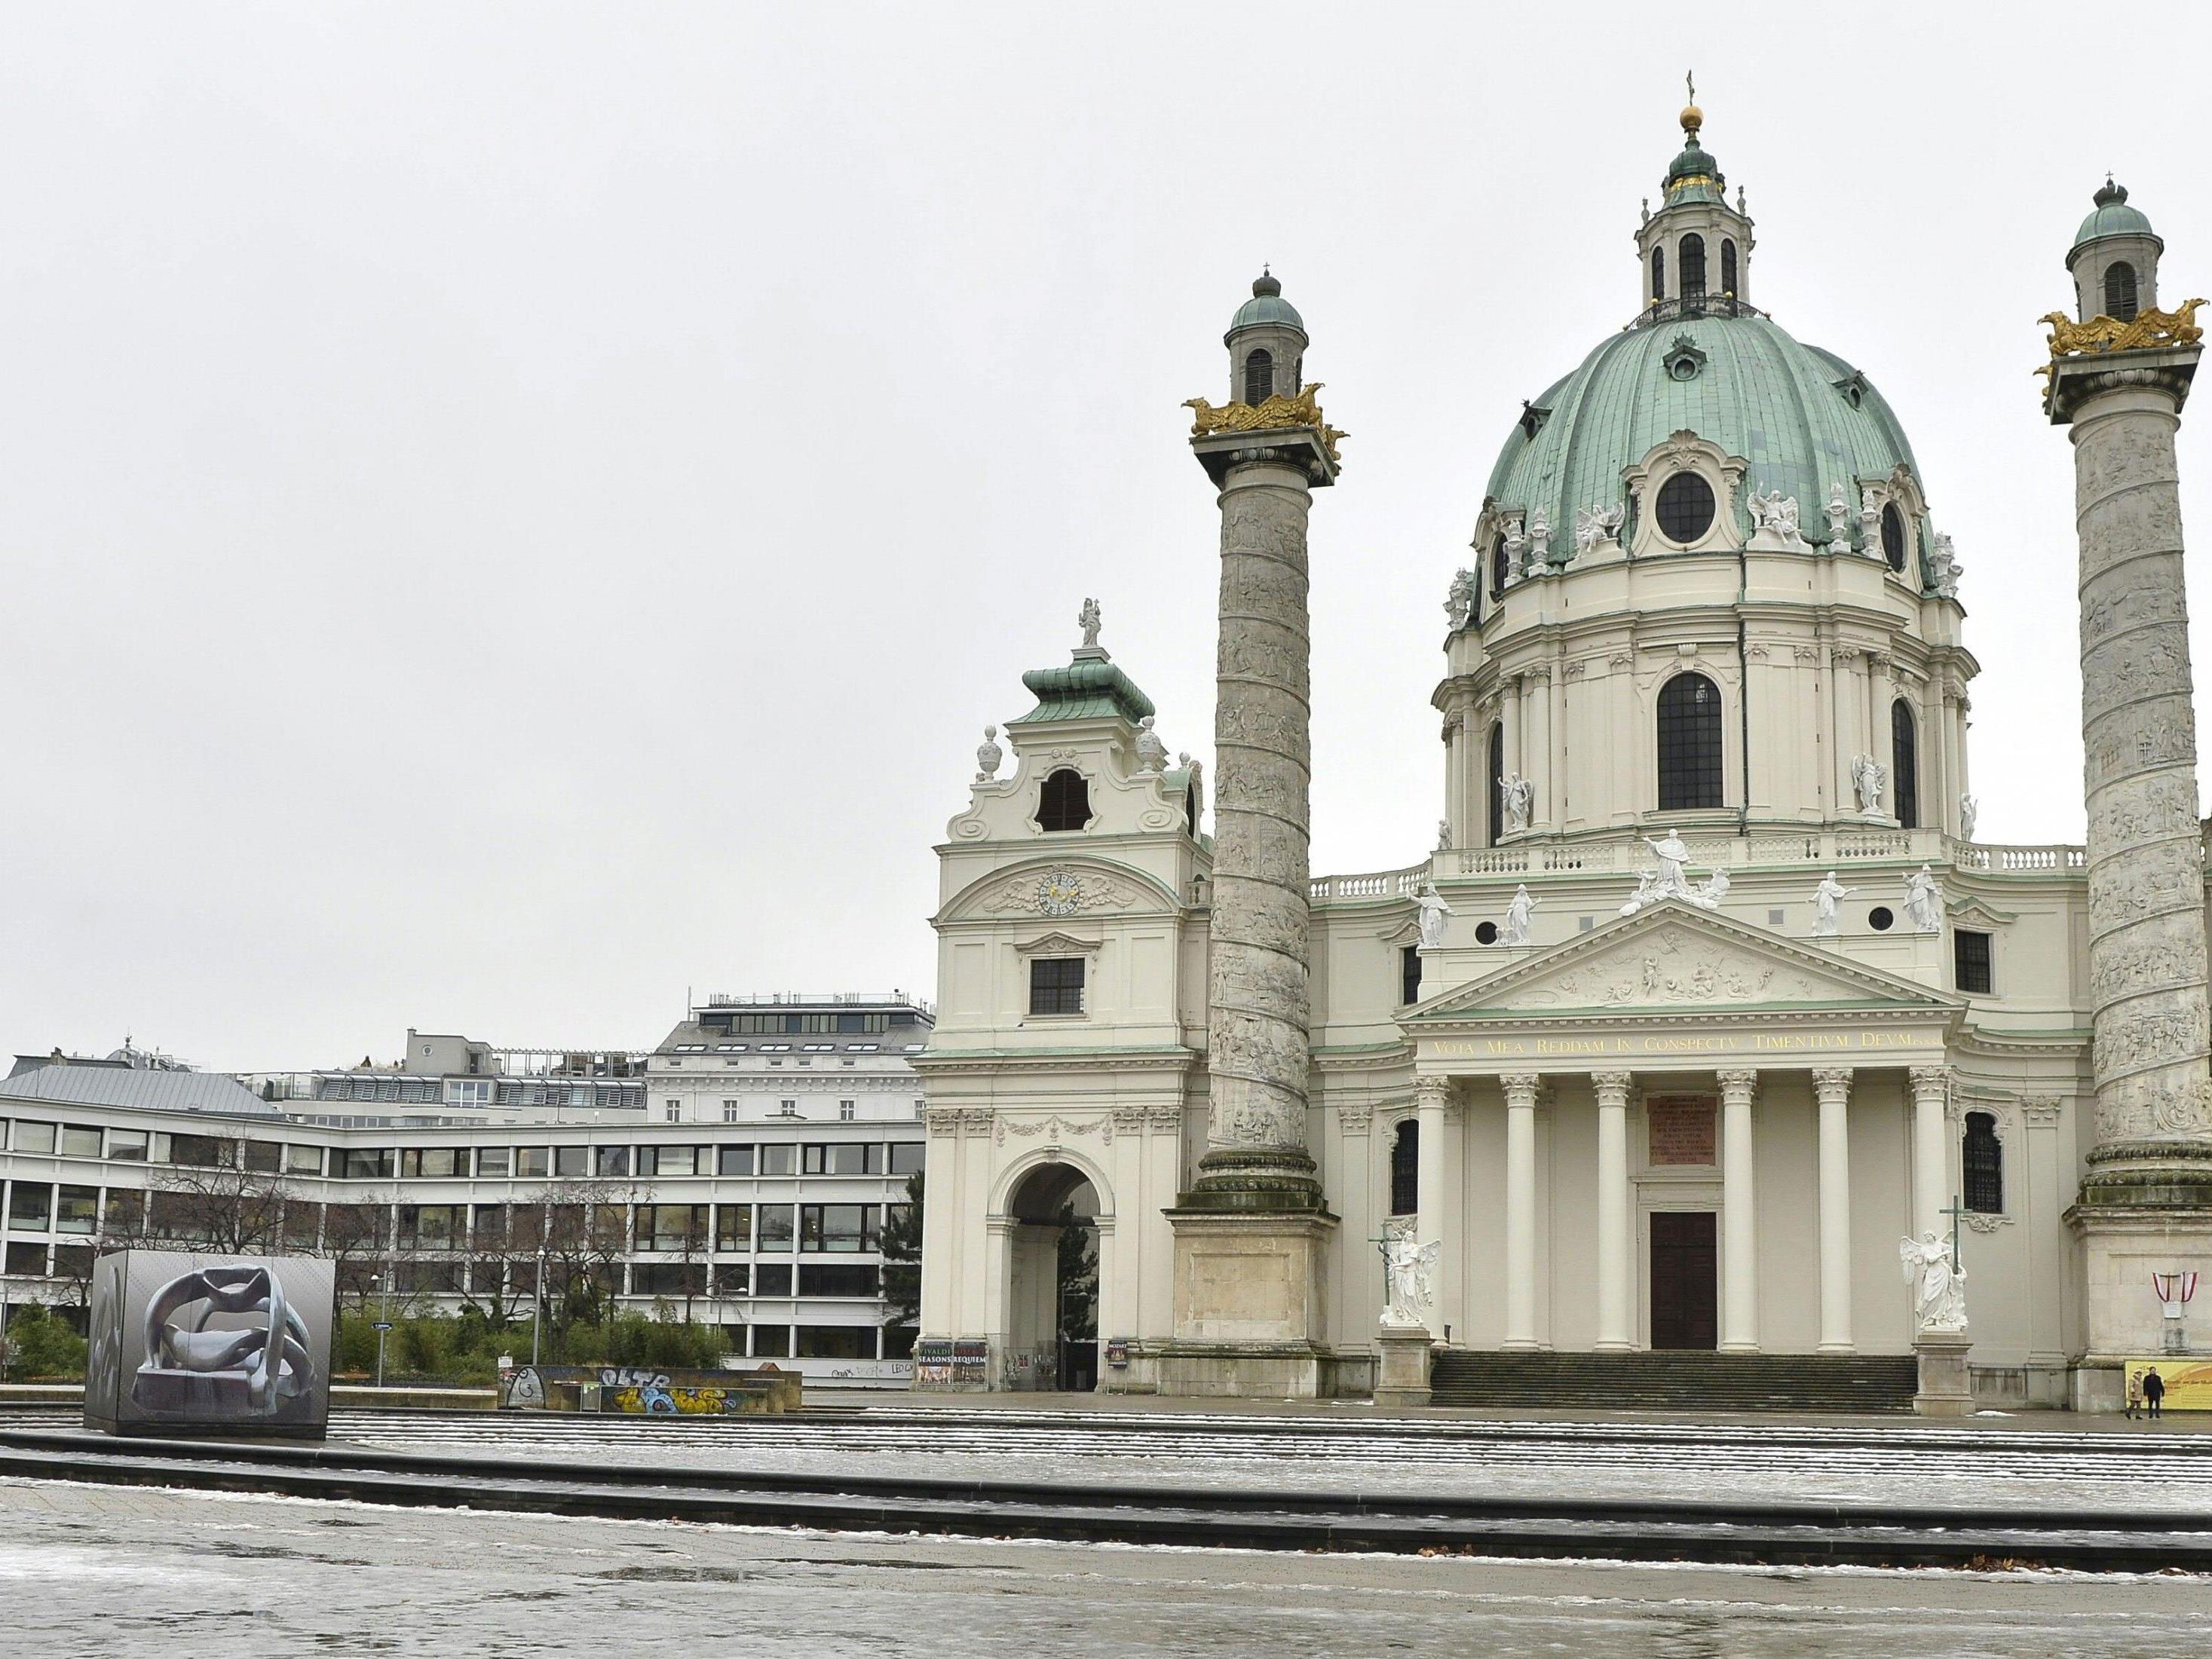 Das Winterthur-Gebäude am Karlsplatz ist Gegenstand einer aktuellen Debatte